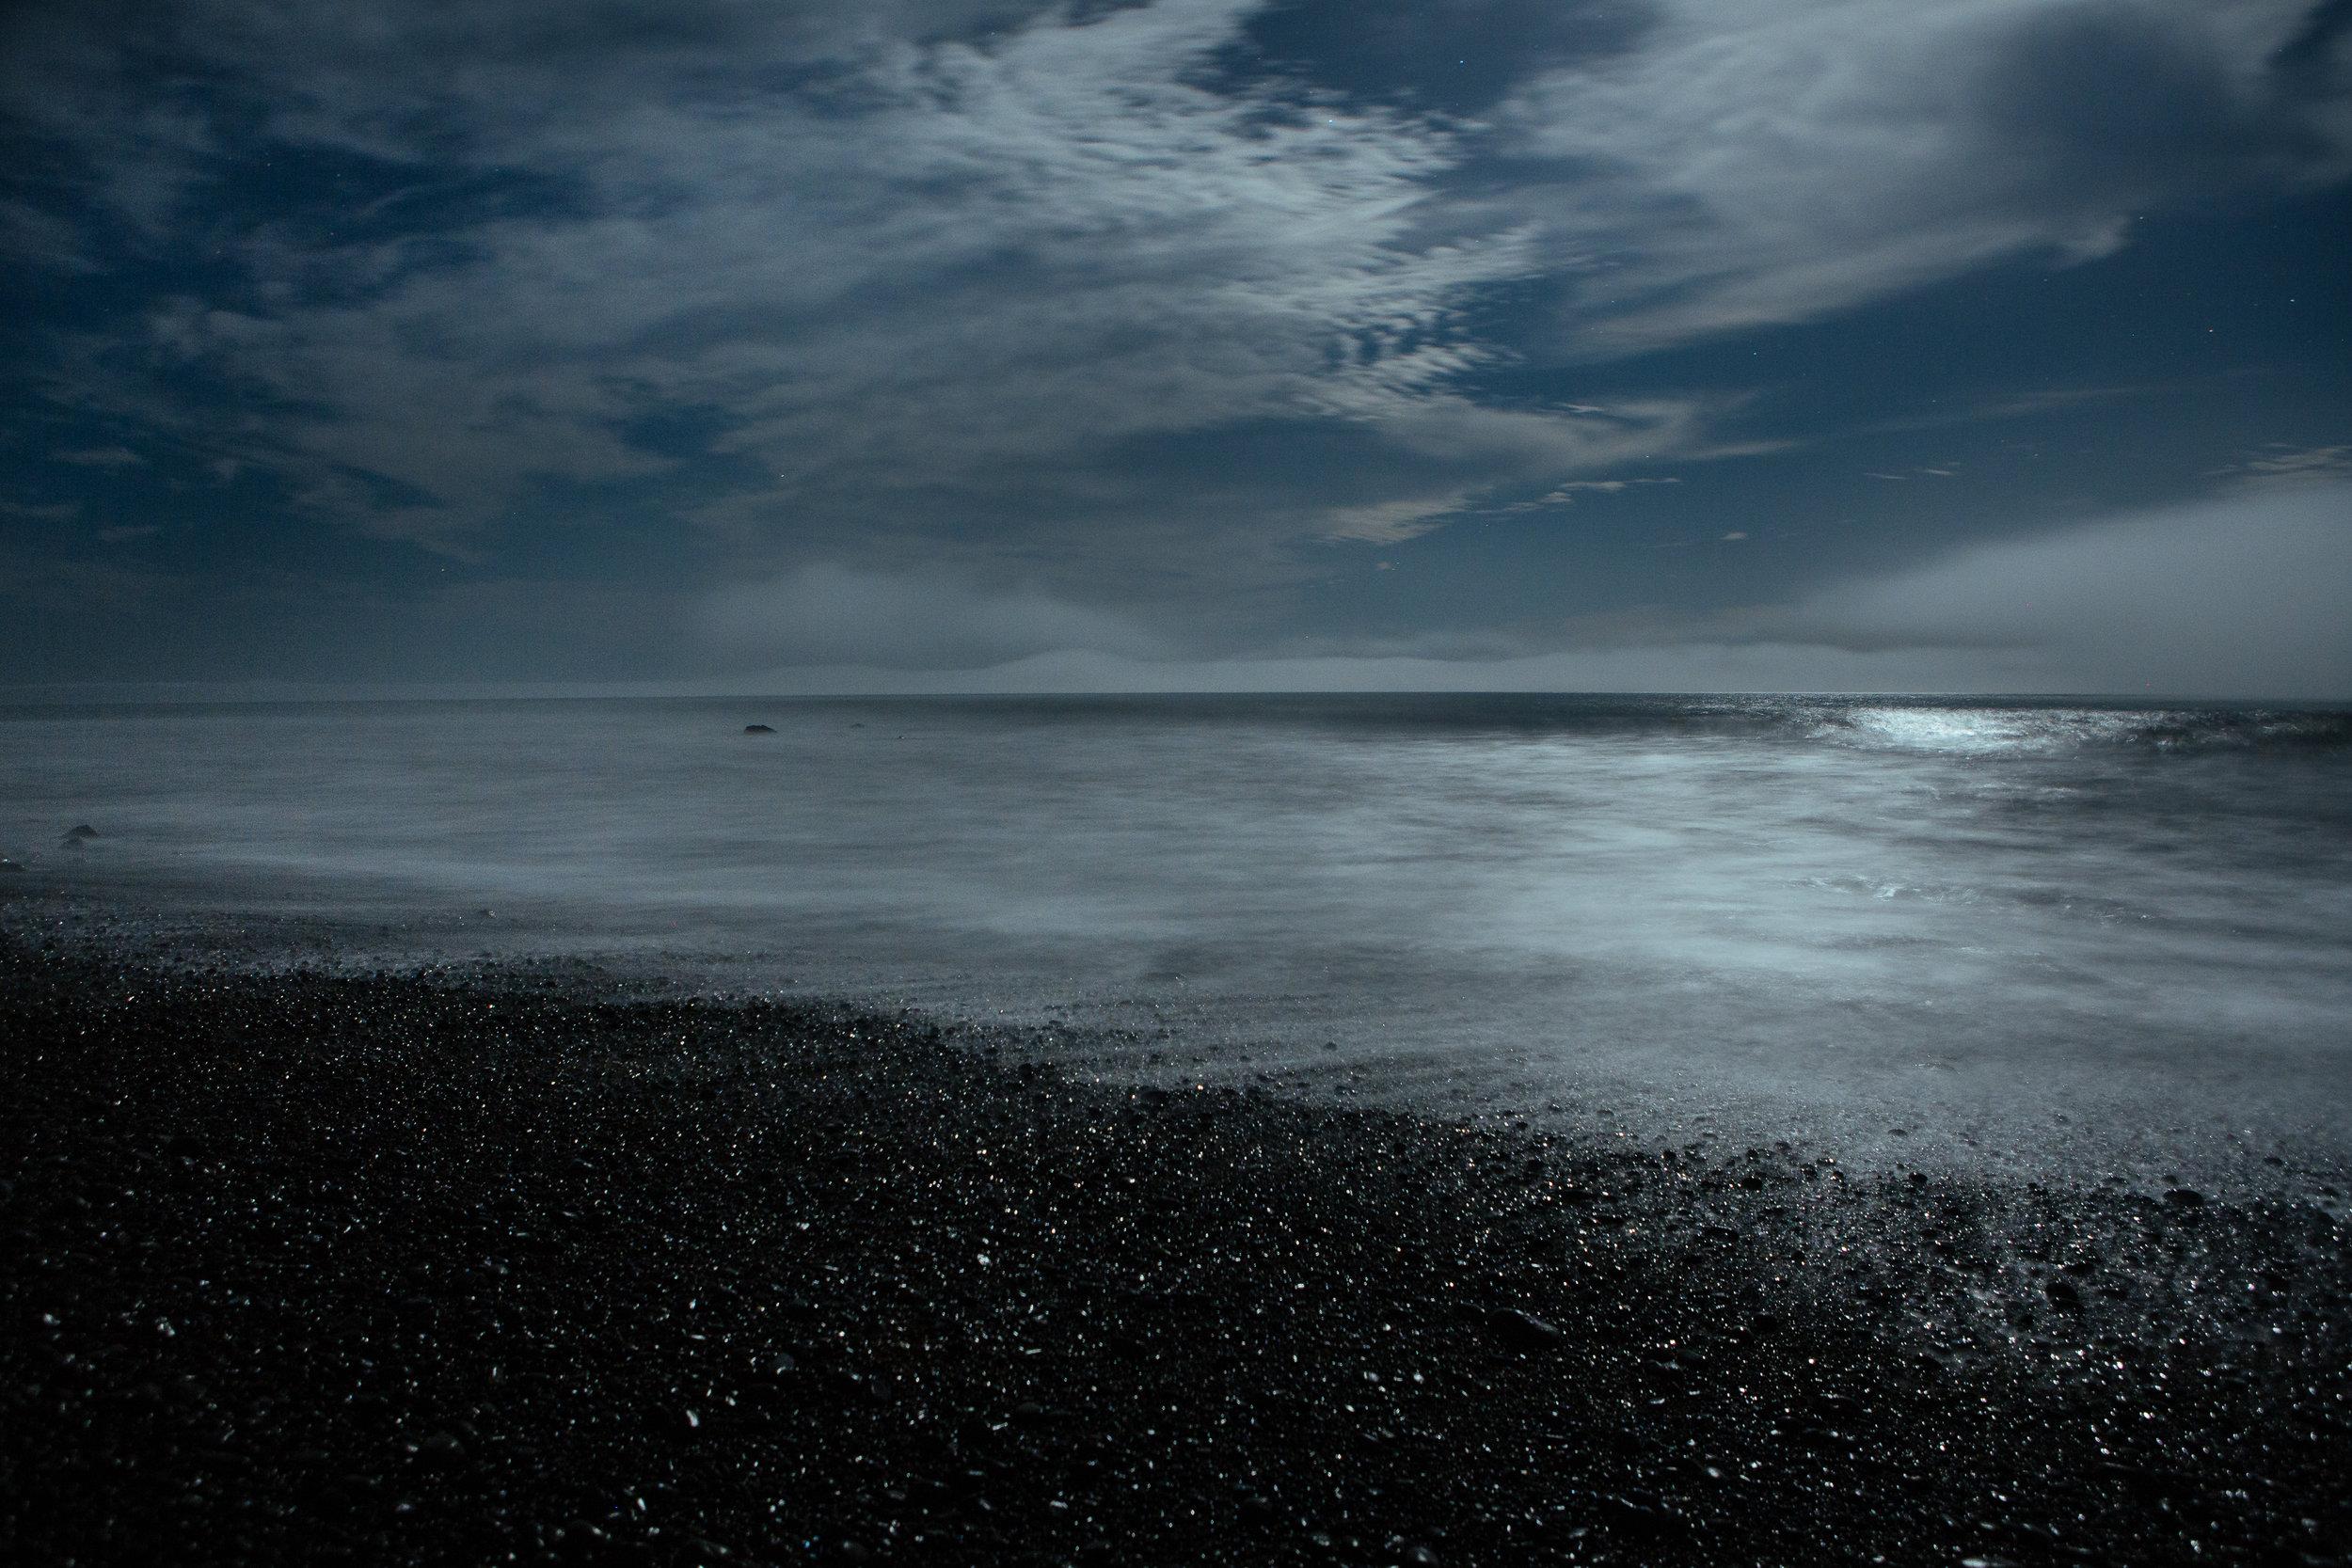 Black marble ocean at midnight.